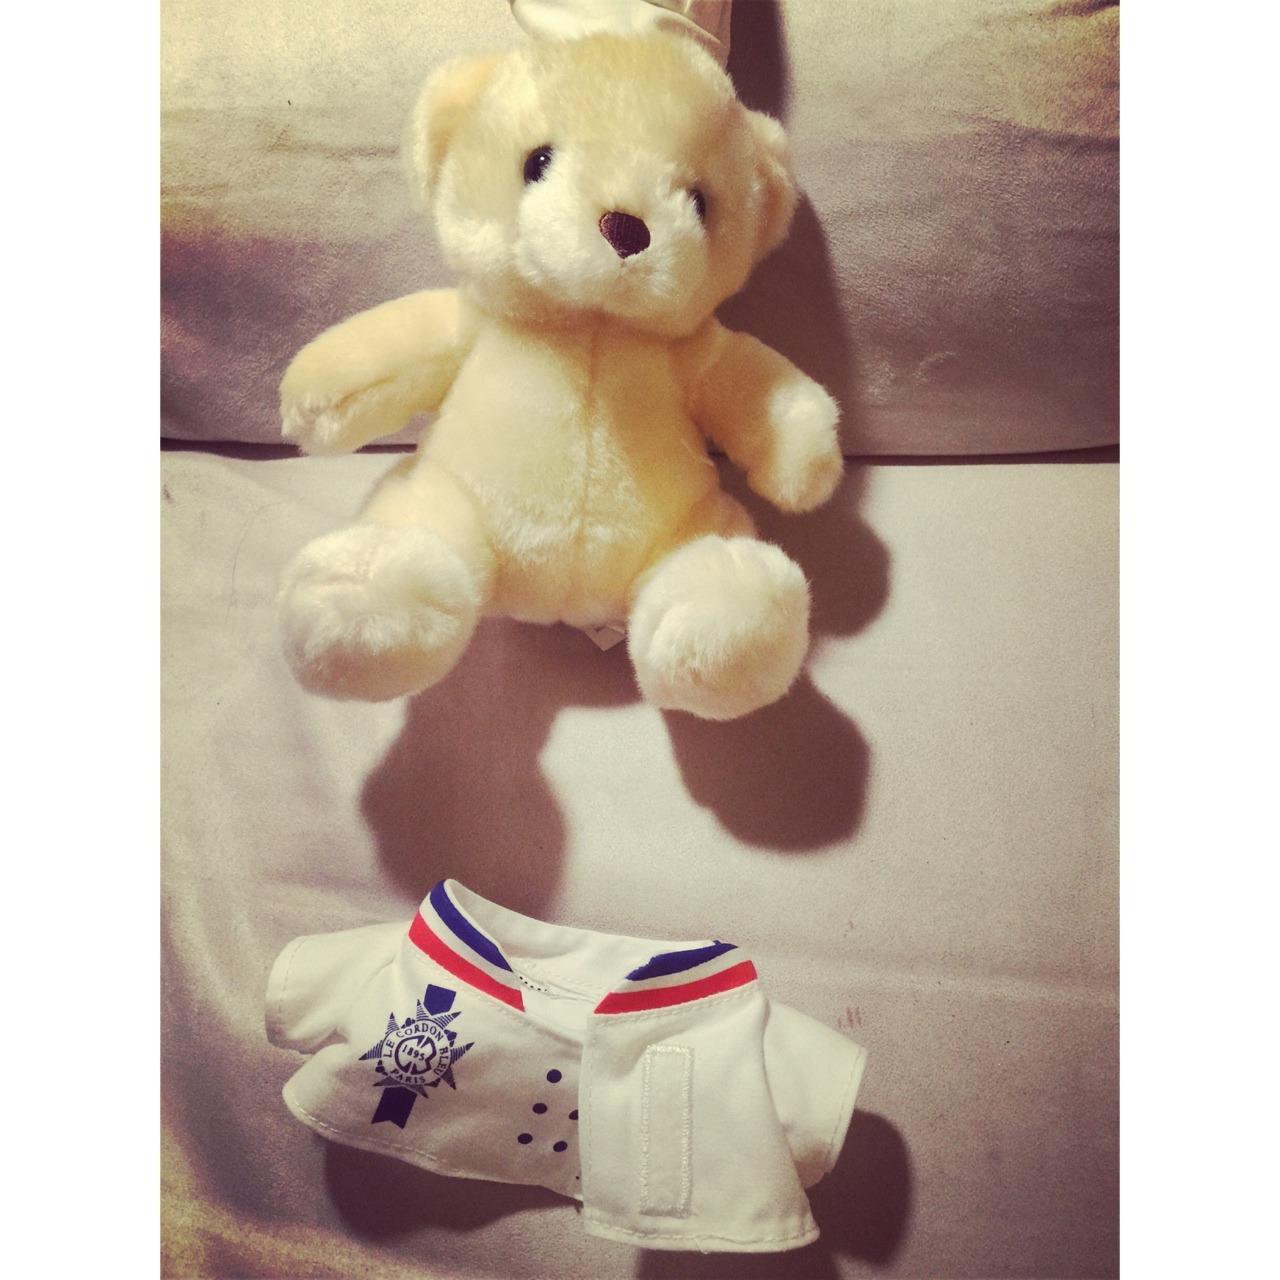 位于澳洲悉尼顶级糕点学校蓝带的纪念小熊